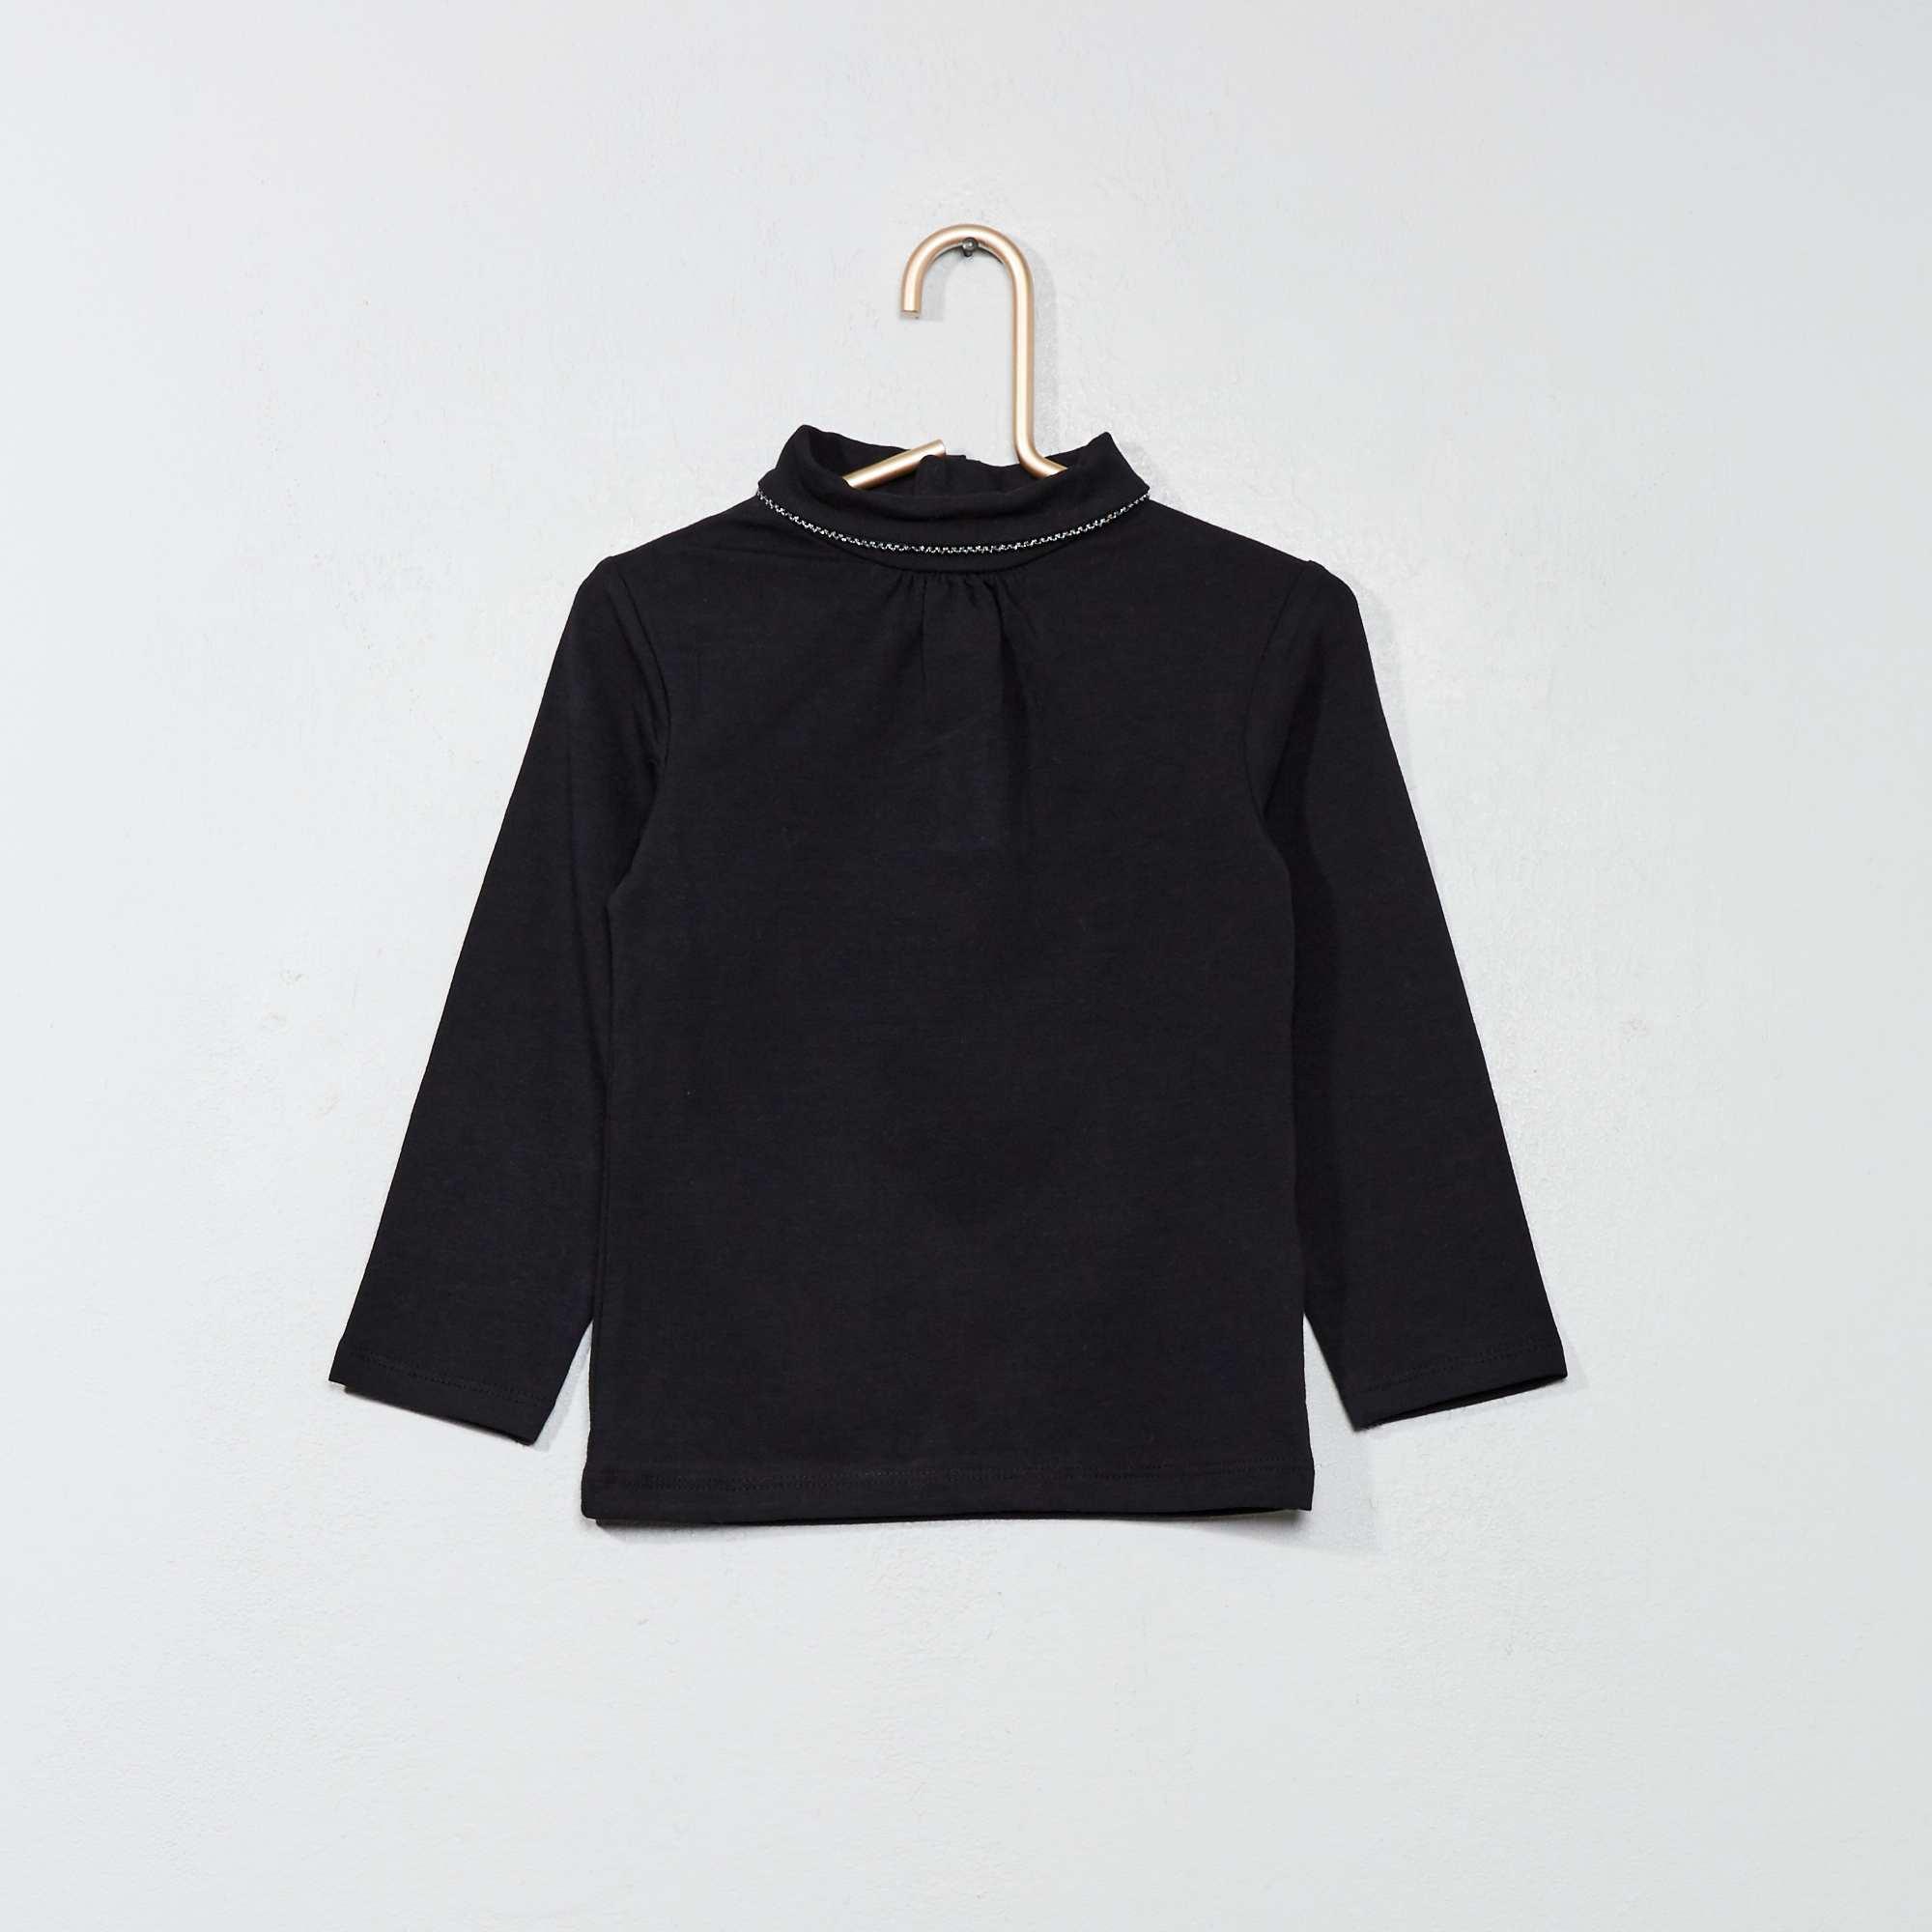 6f1f474c8 Camiseta lisa de cuello alto Bebé niña - negro - Kiabi - 4